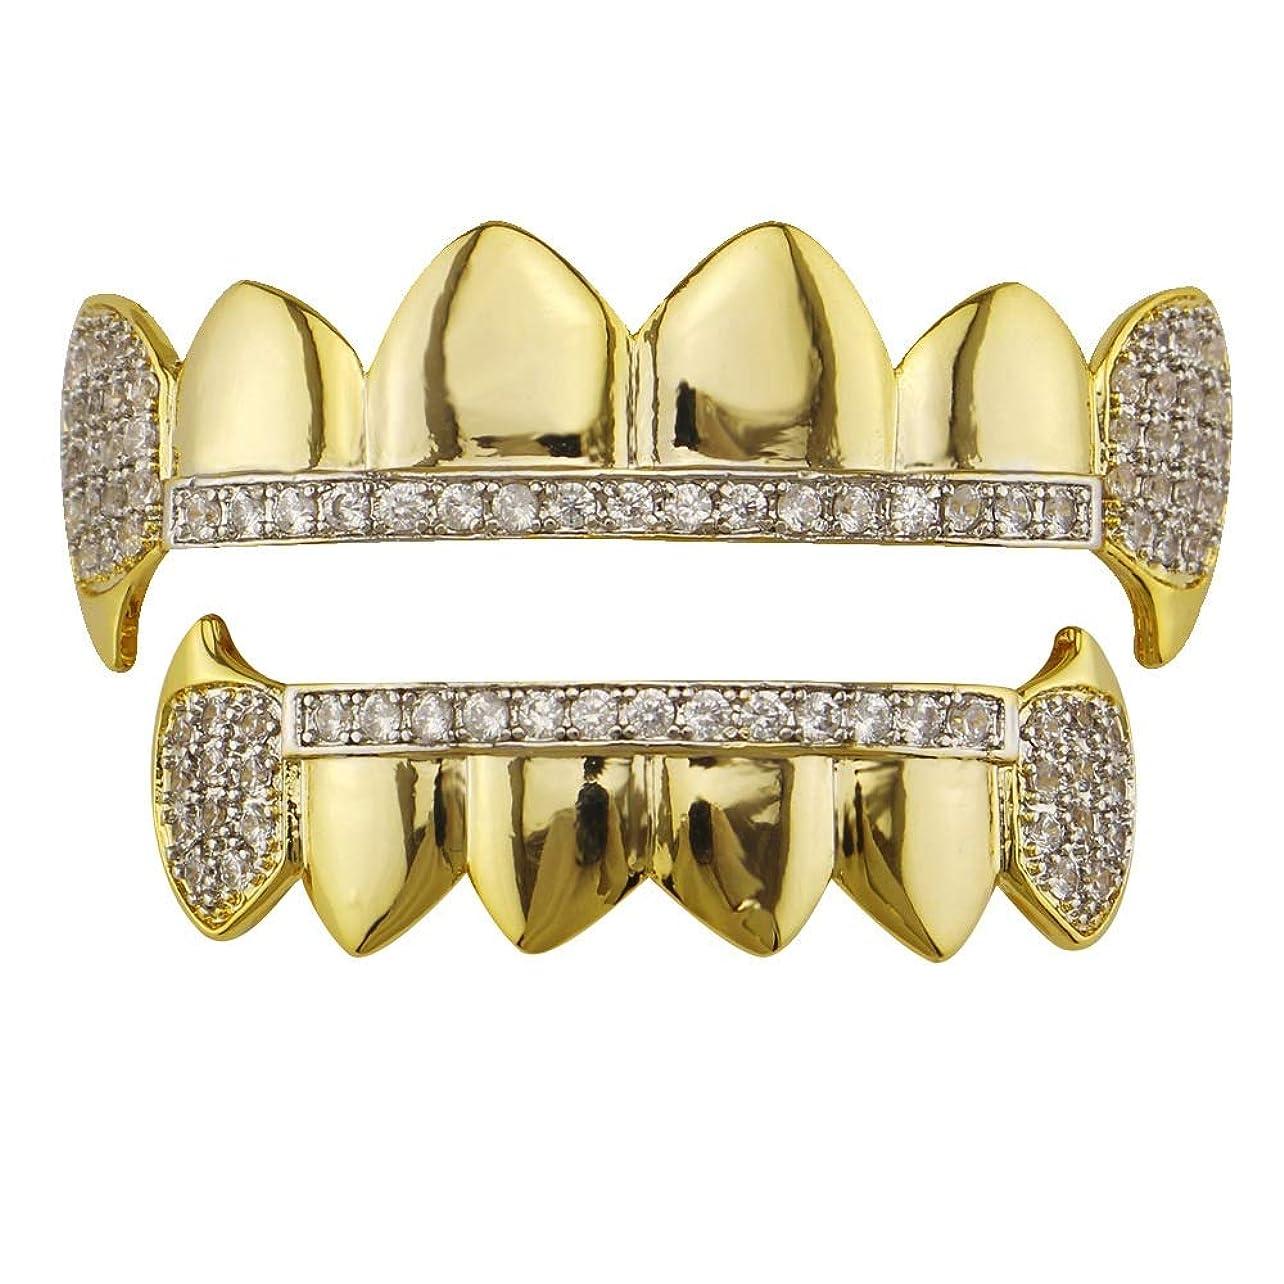 脚本家音休憩するゴールドメッキクルスラインストーン - あらゆるタイプの歯に最適なカット - 上下のグリルセット - ヒップホップブリンブリングリル